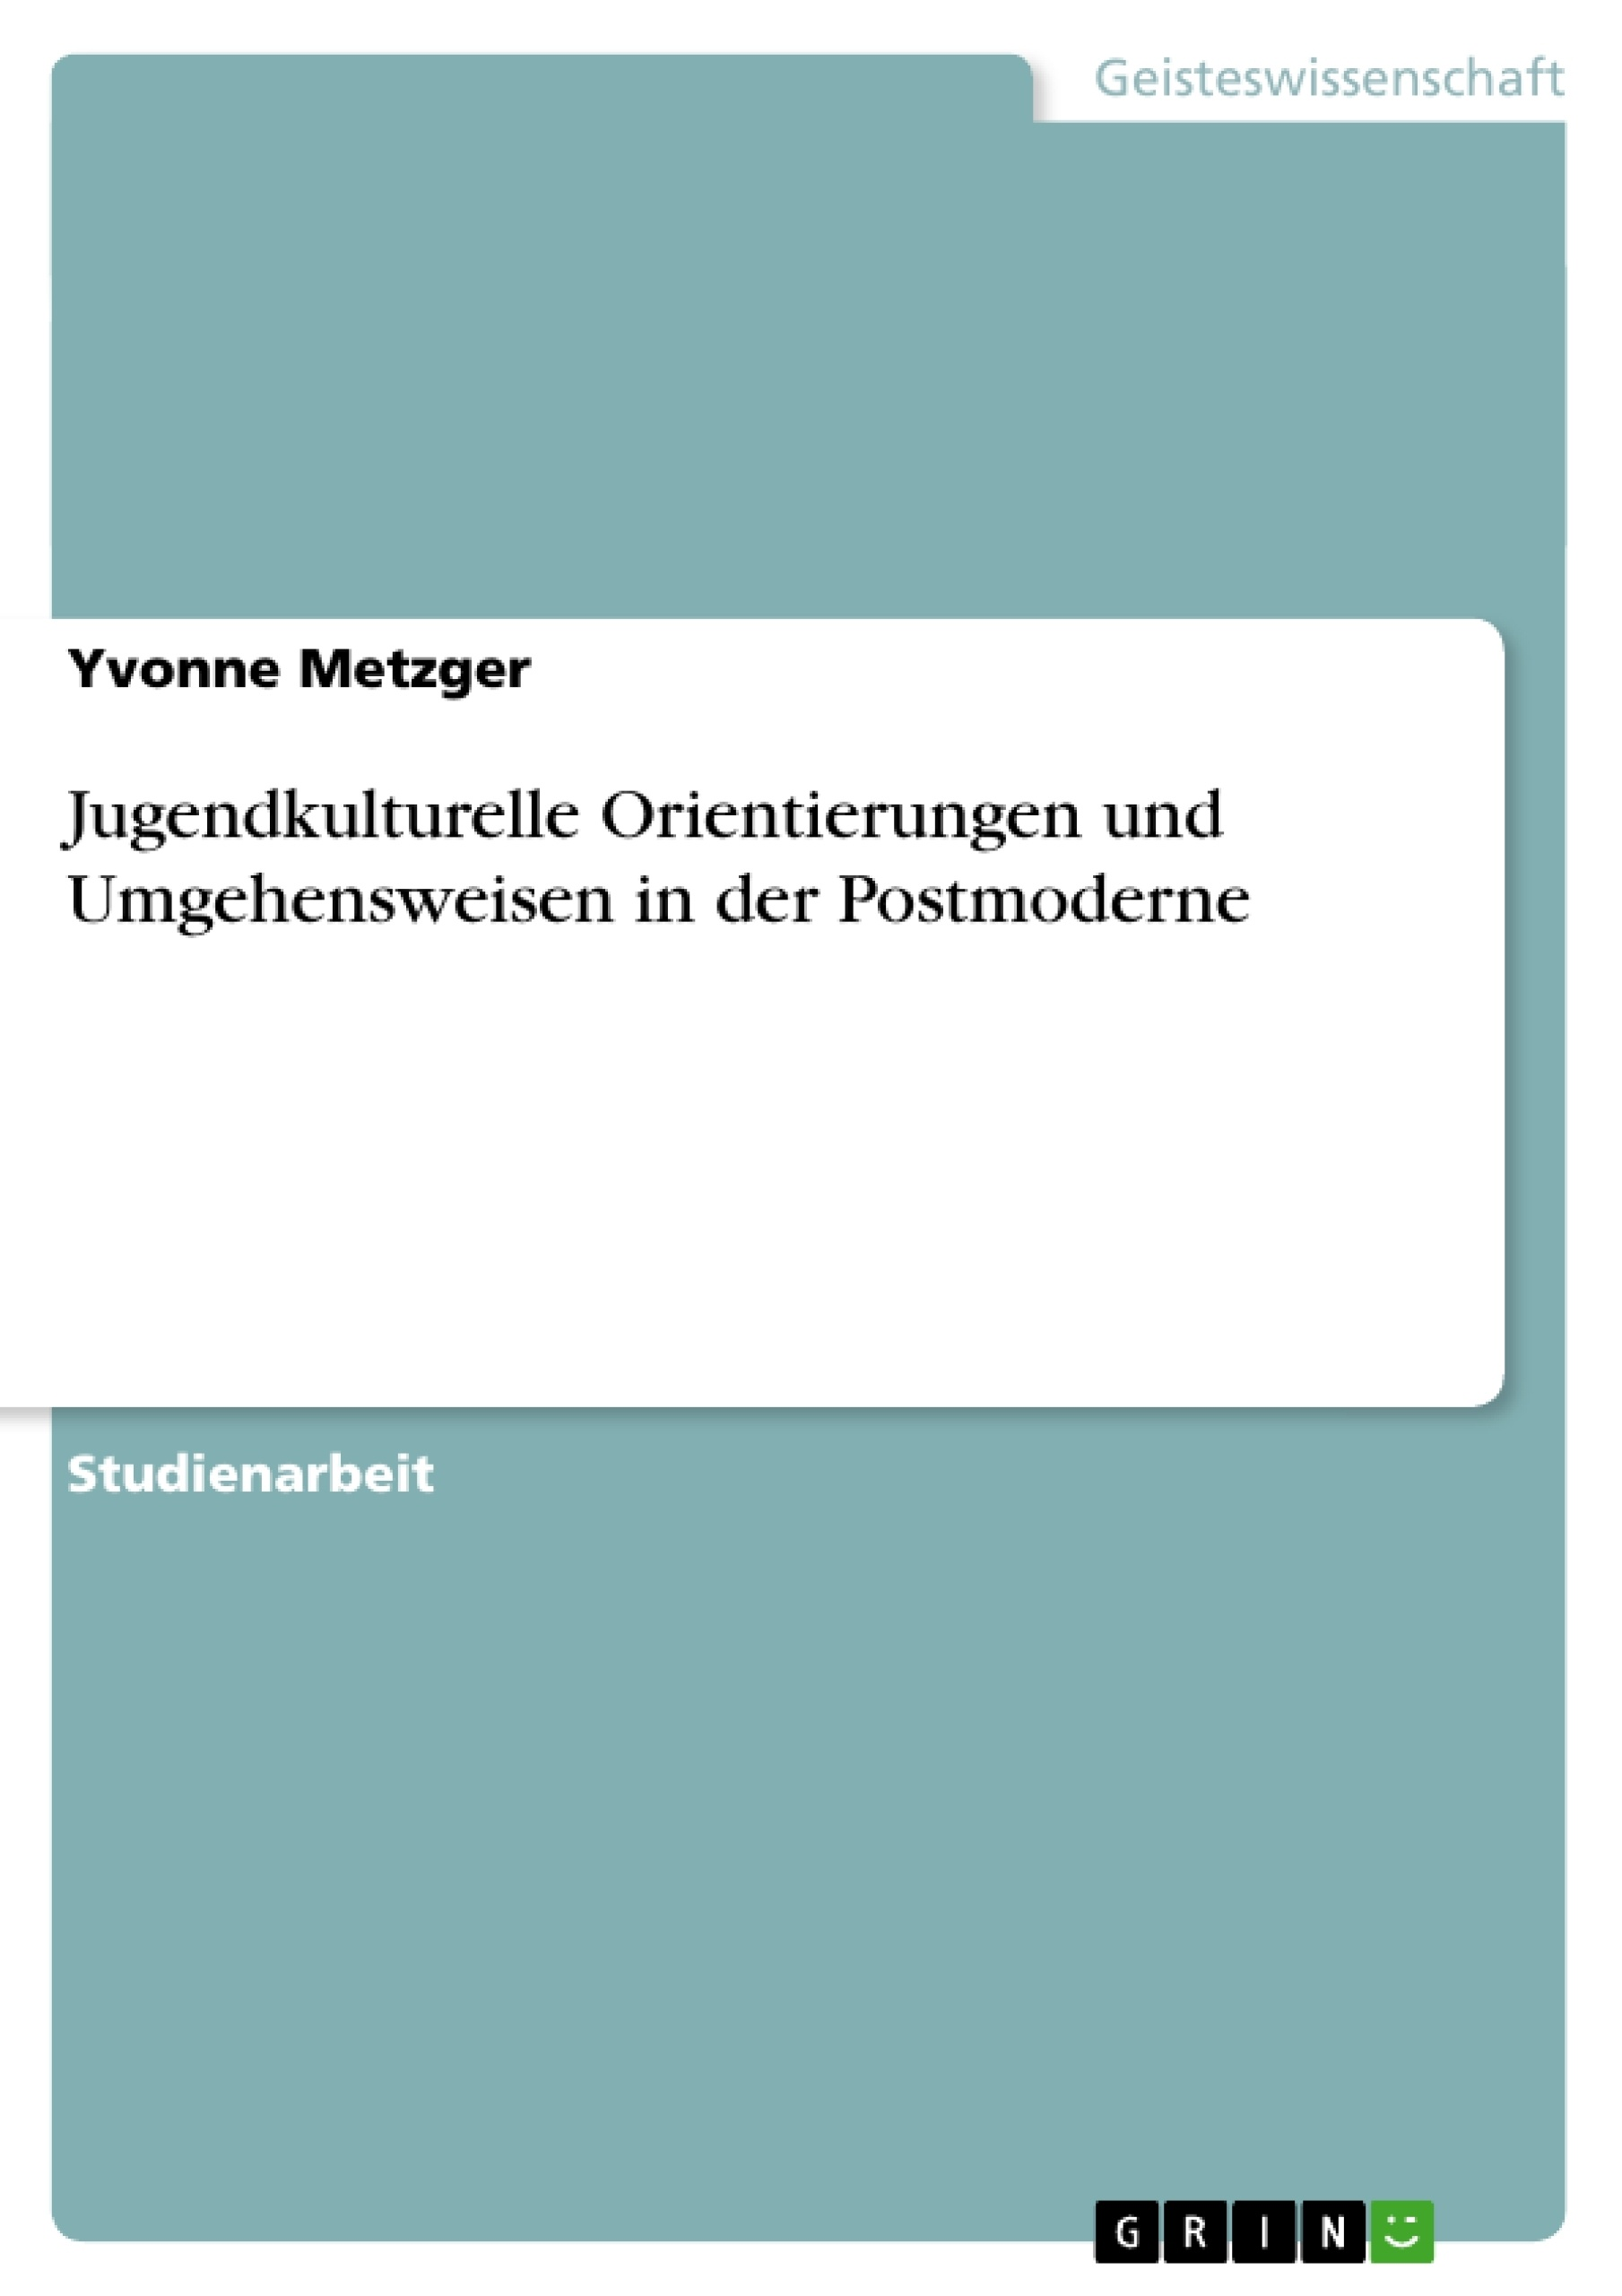 Titel: Jugendkulturelle Orientierungen und Umgehensweisen in der Postmoderne